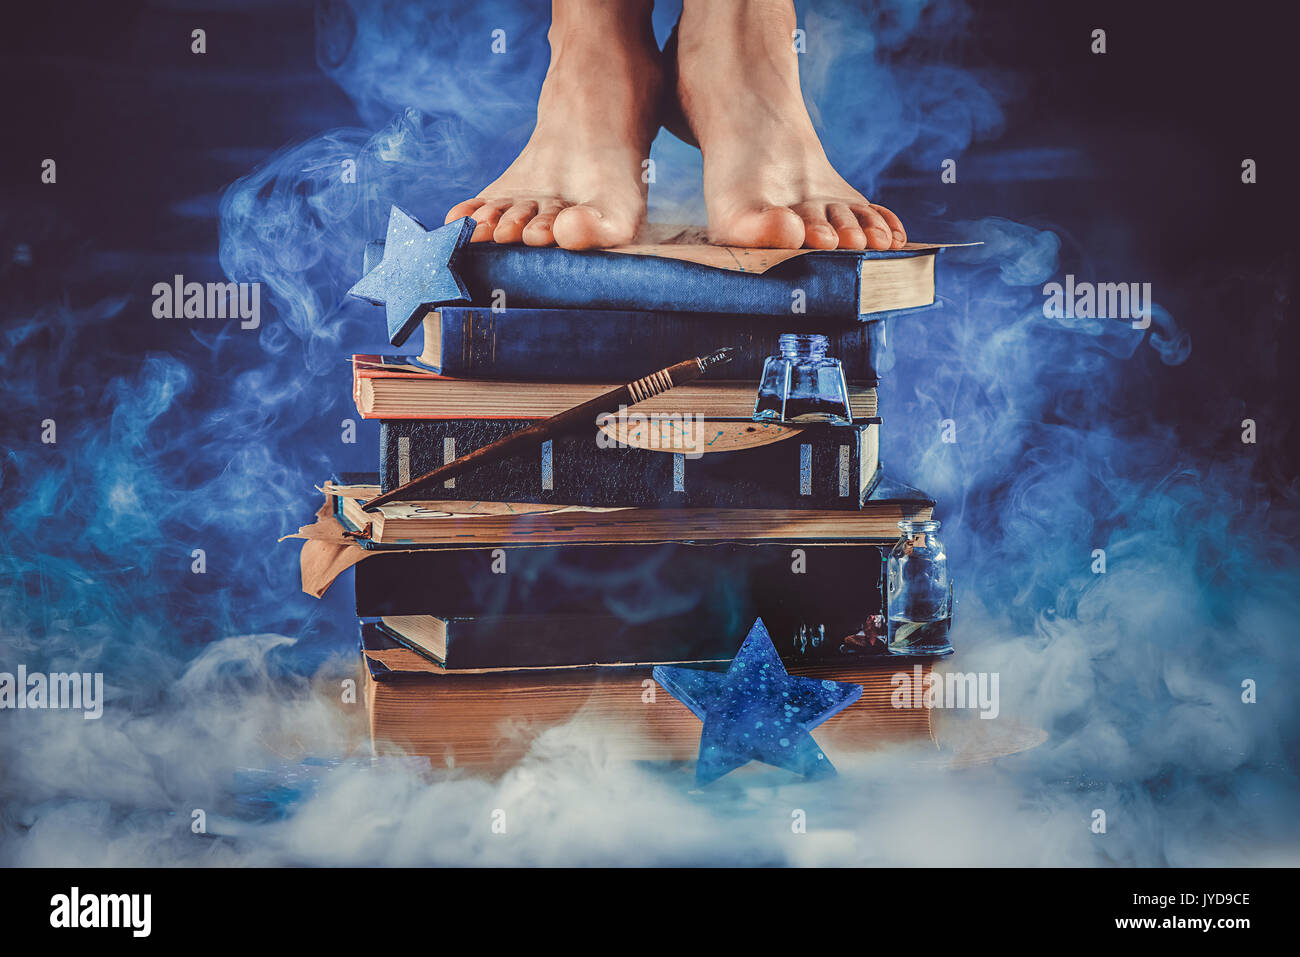 Bambino in piedi su una pila di libri nel mezzo di una nuvola di fumo. dark ancora la vita in sfumature di blu. istruzione metafora. Immagini Stock